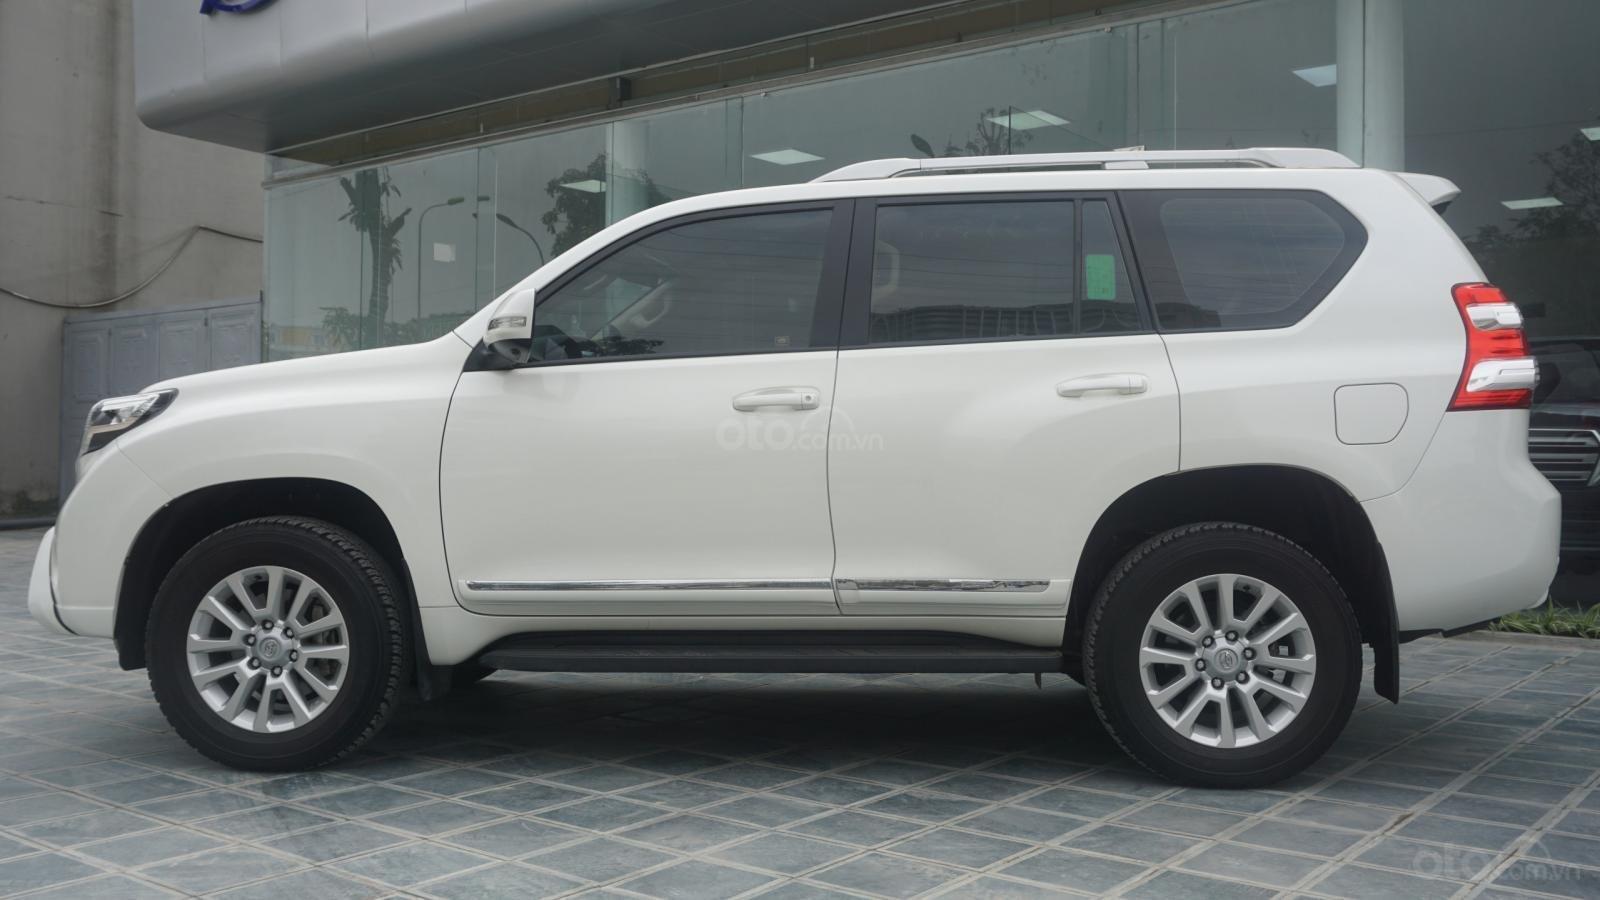 Bán Toyota Land Cruiser Prado 2017, màu trắng, nhập khẩu, LH em Hương 0945392468 (18)